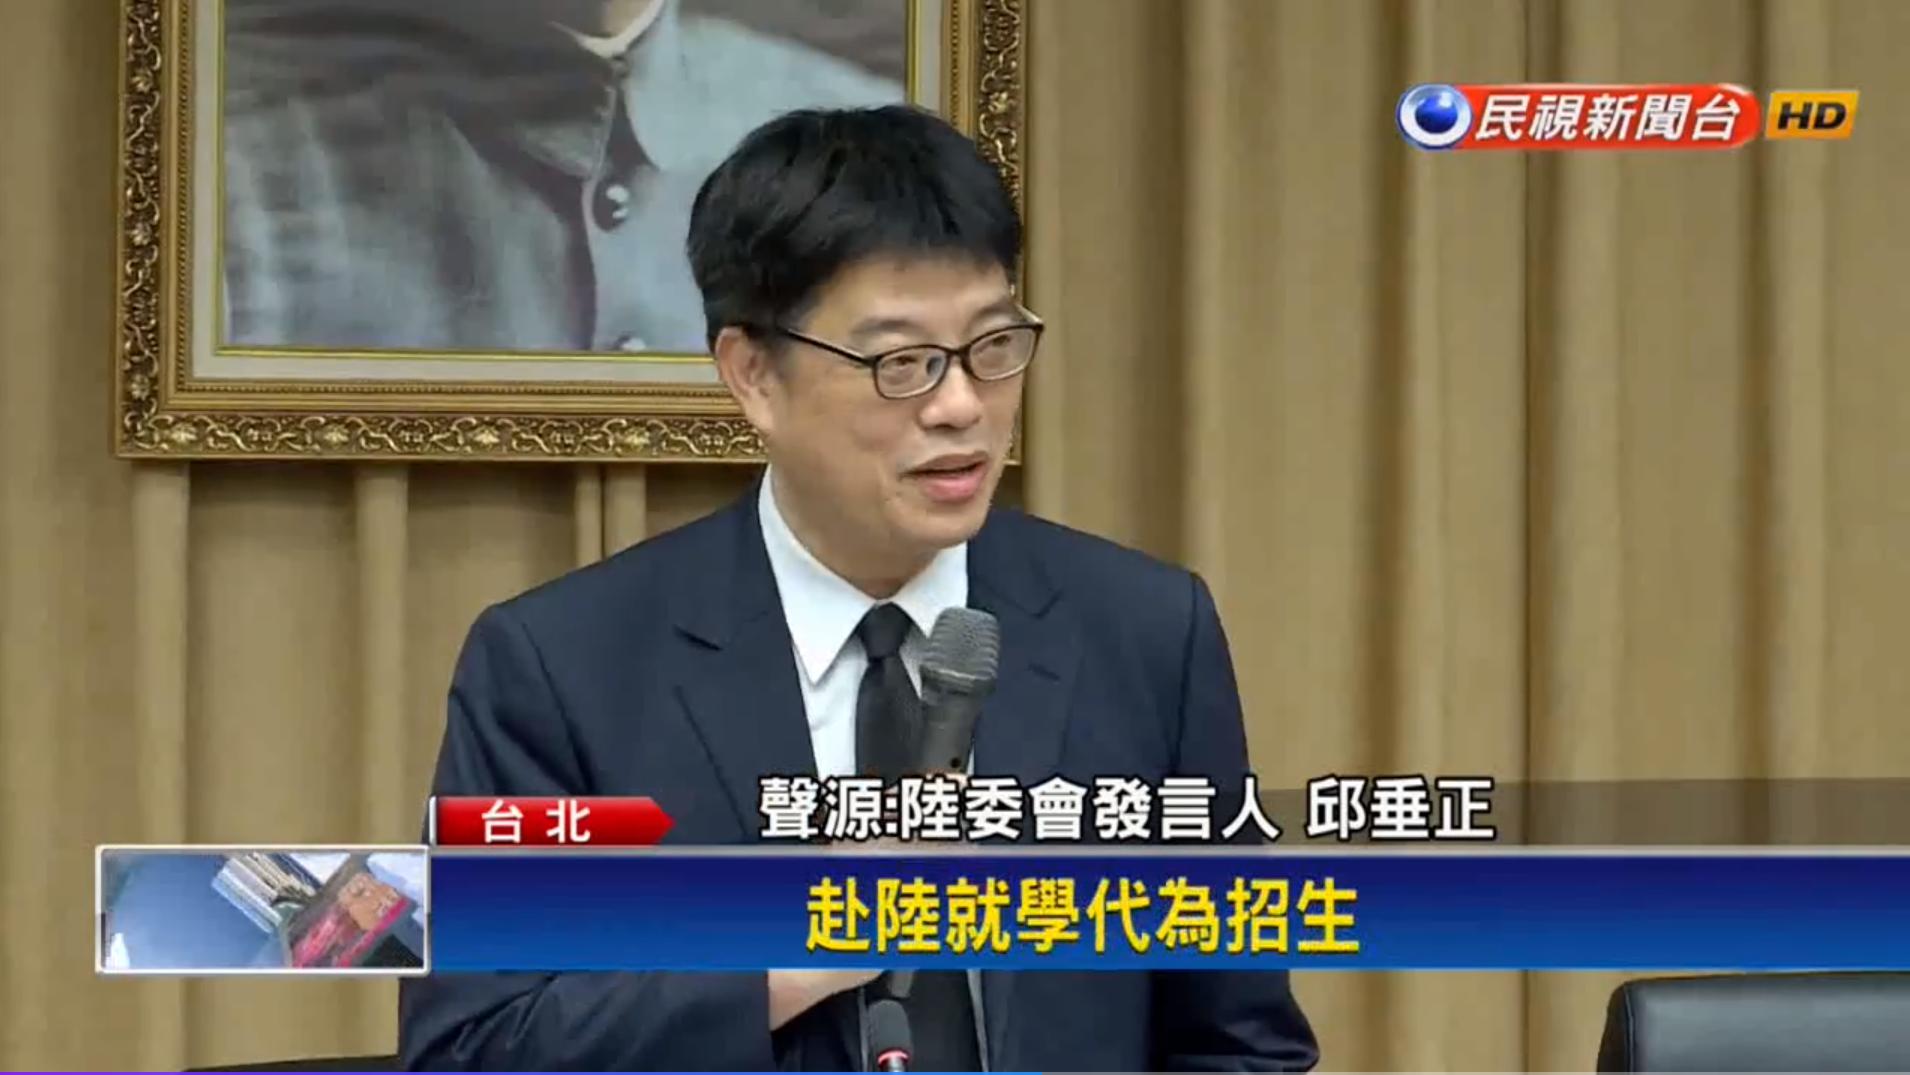 中國留學代辦恐涉刑責 最重可處100萬罰金